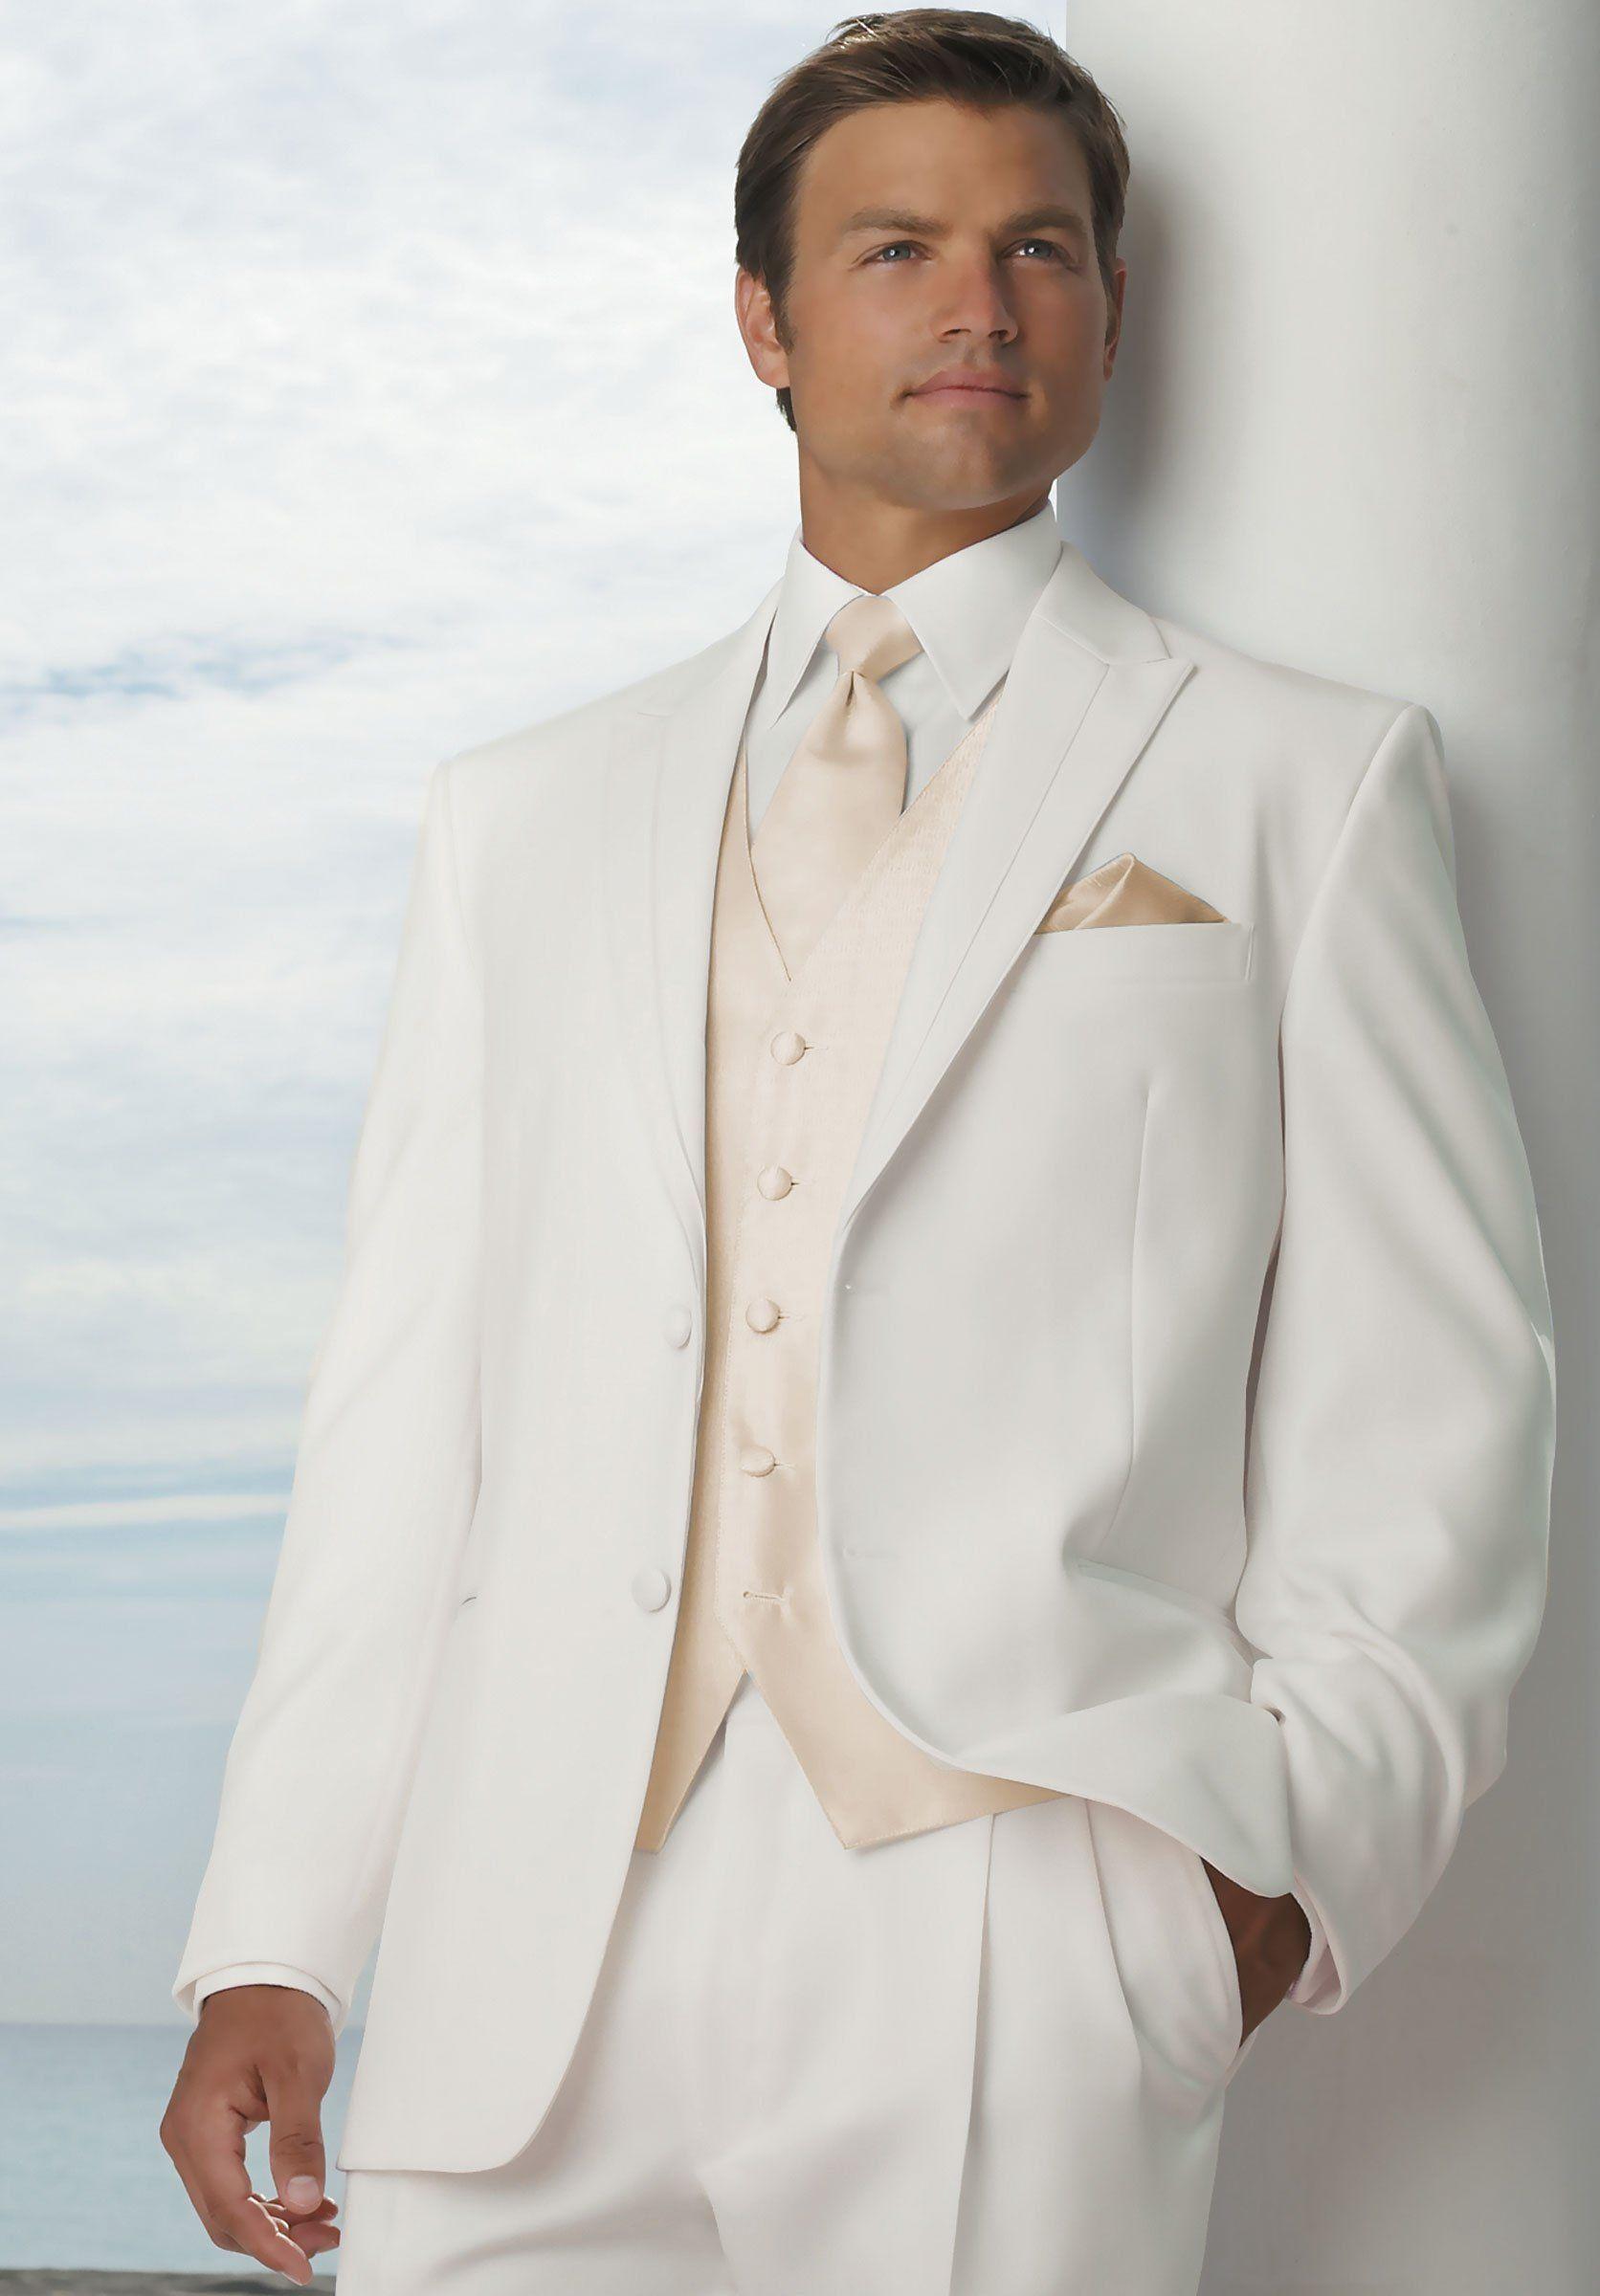 VESTIR DE ACORDO COM A CERIMÓNIA White wedding suit